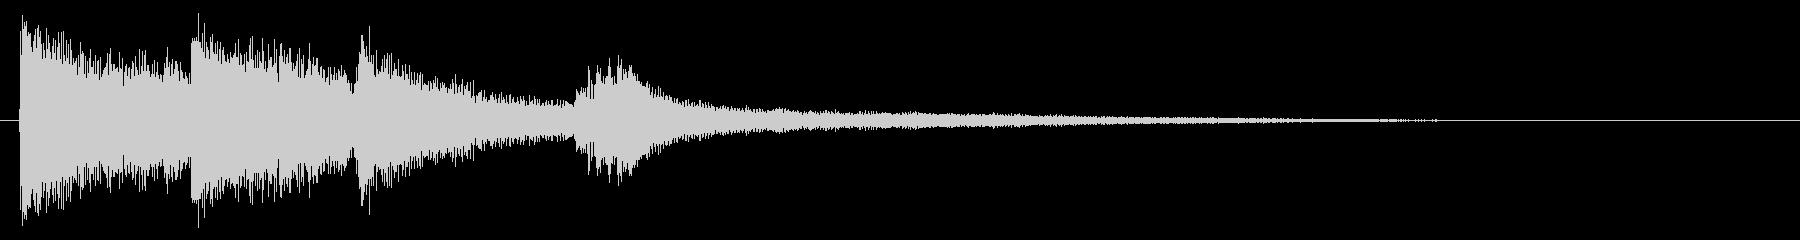 爽やかなピアノのサウンドロゴ シンセ抜きの未再生の波形